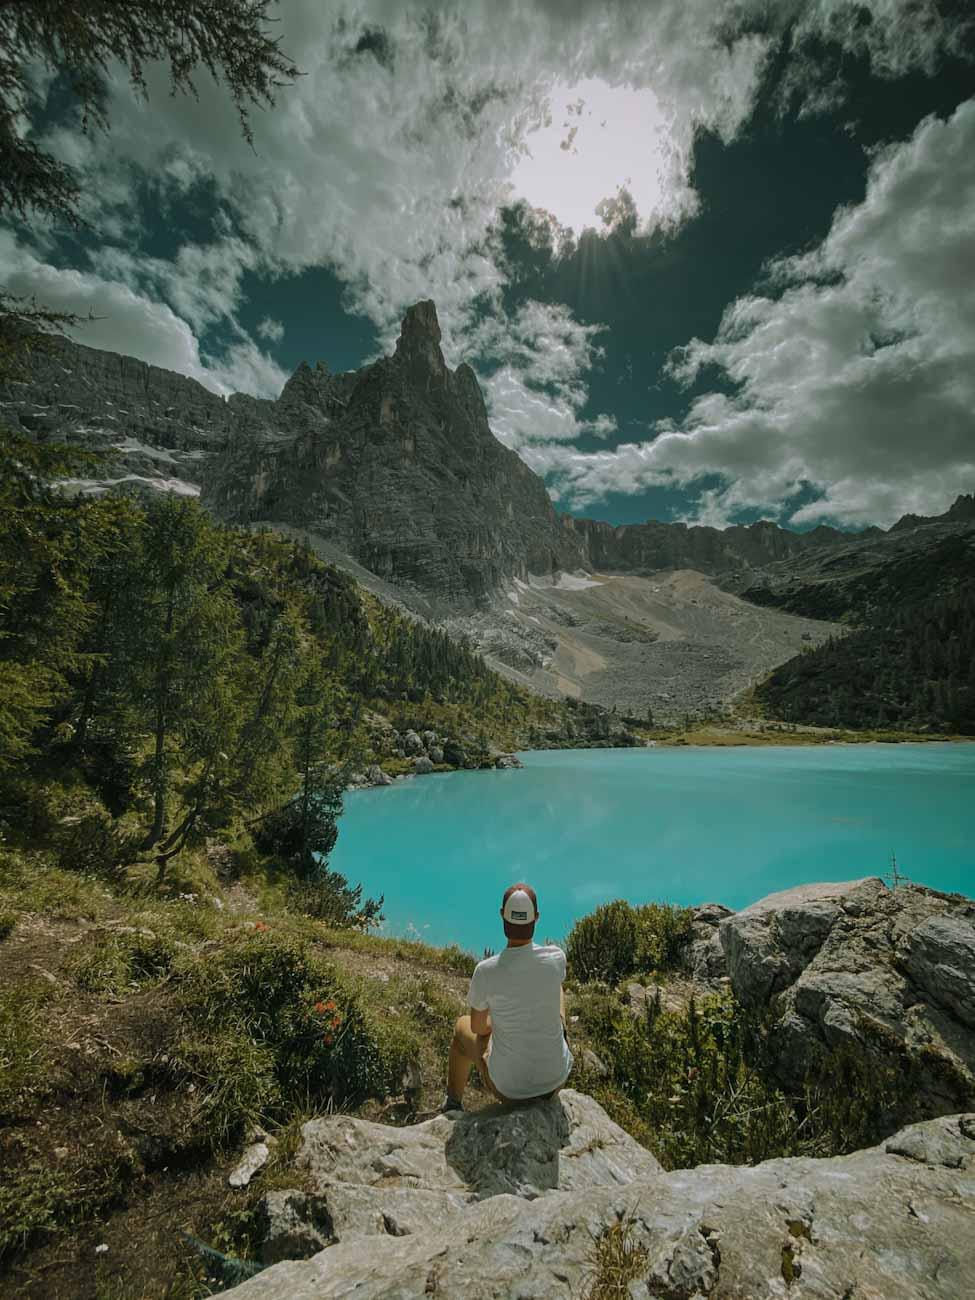 Lago di Sorapis najpiękniejsze jezioro w Alpach, Dolomity we Włoszech, góry, trekking we Włoszech, włoskie wakacje, turkusowe błękitne jezioro